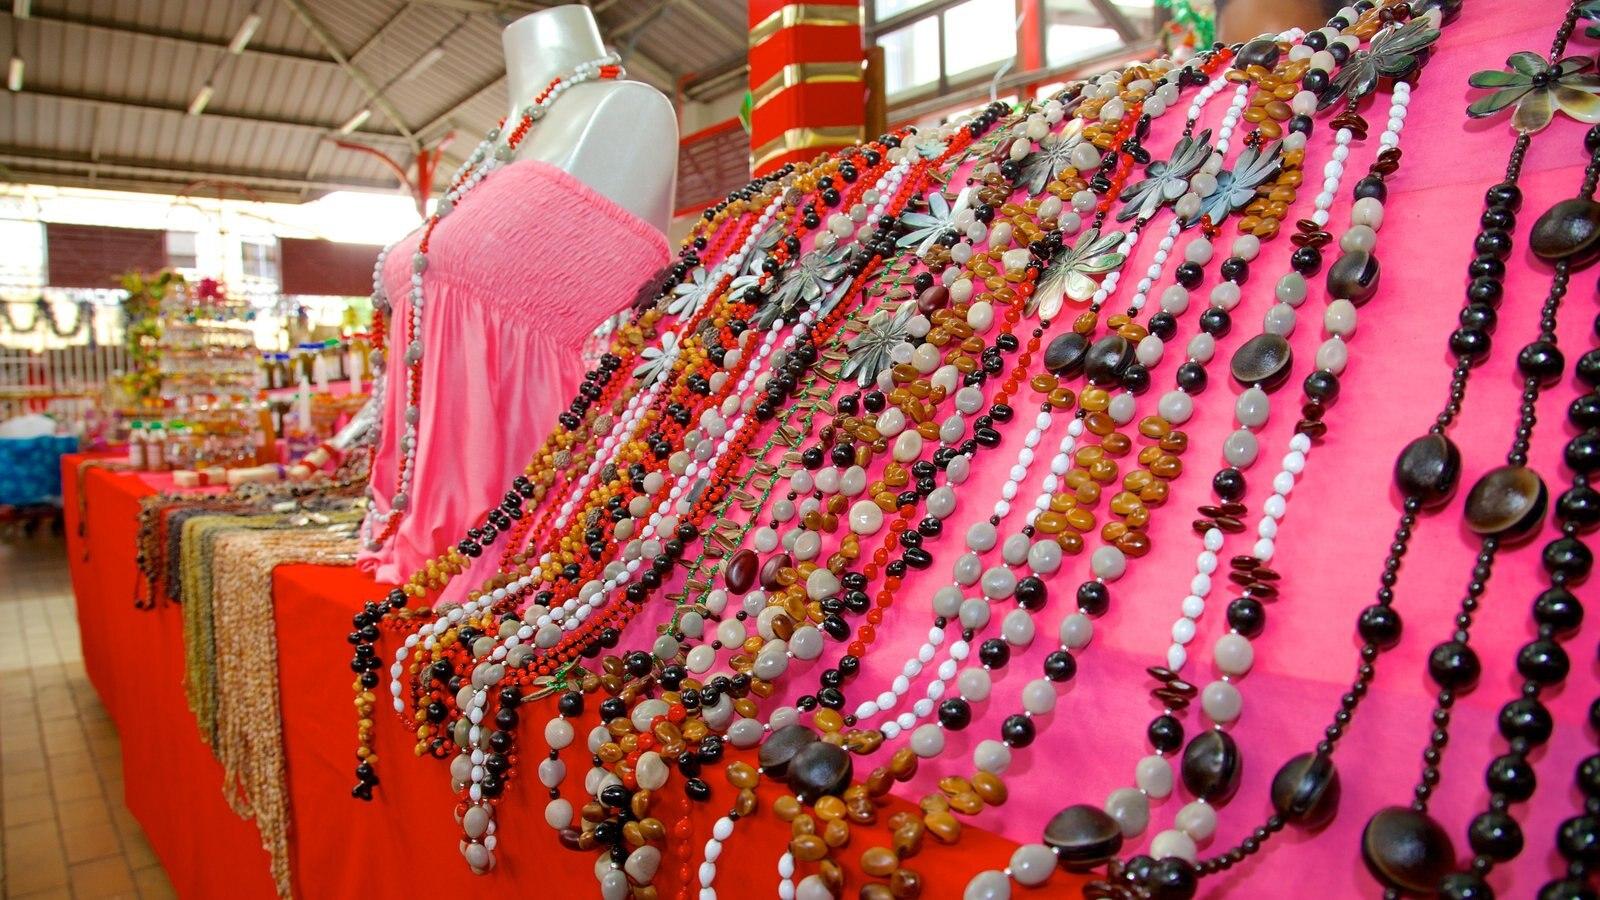 Mercado de Papeete que inclui moda